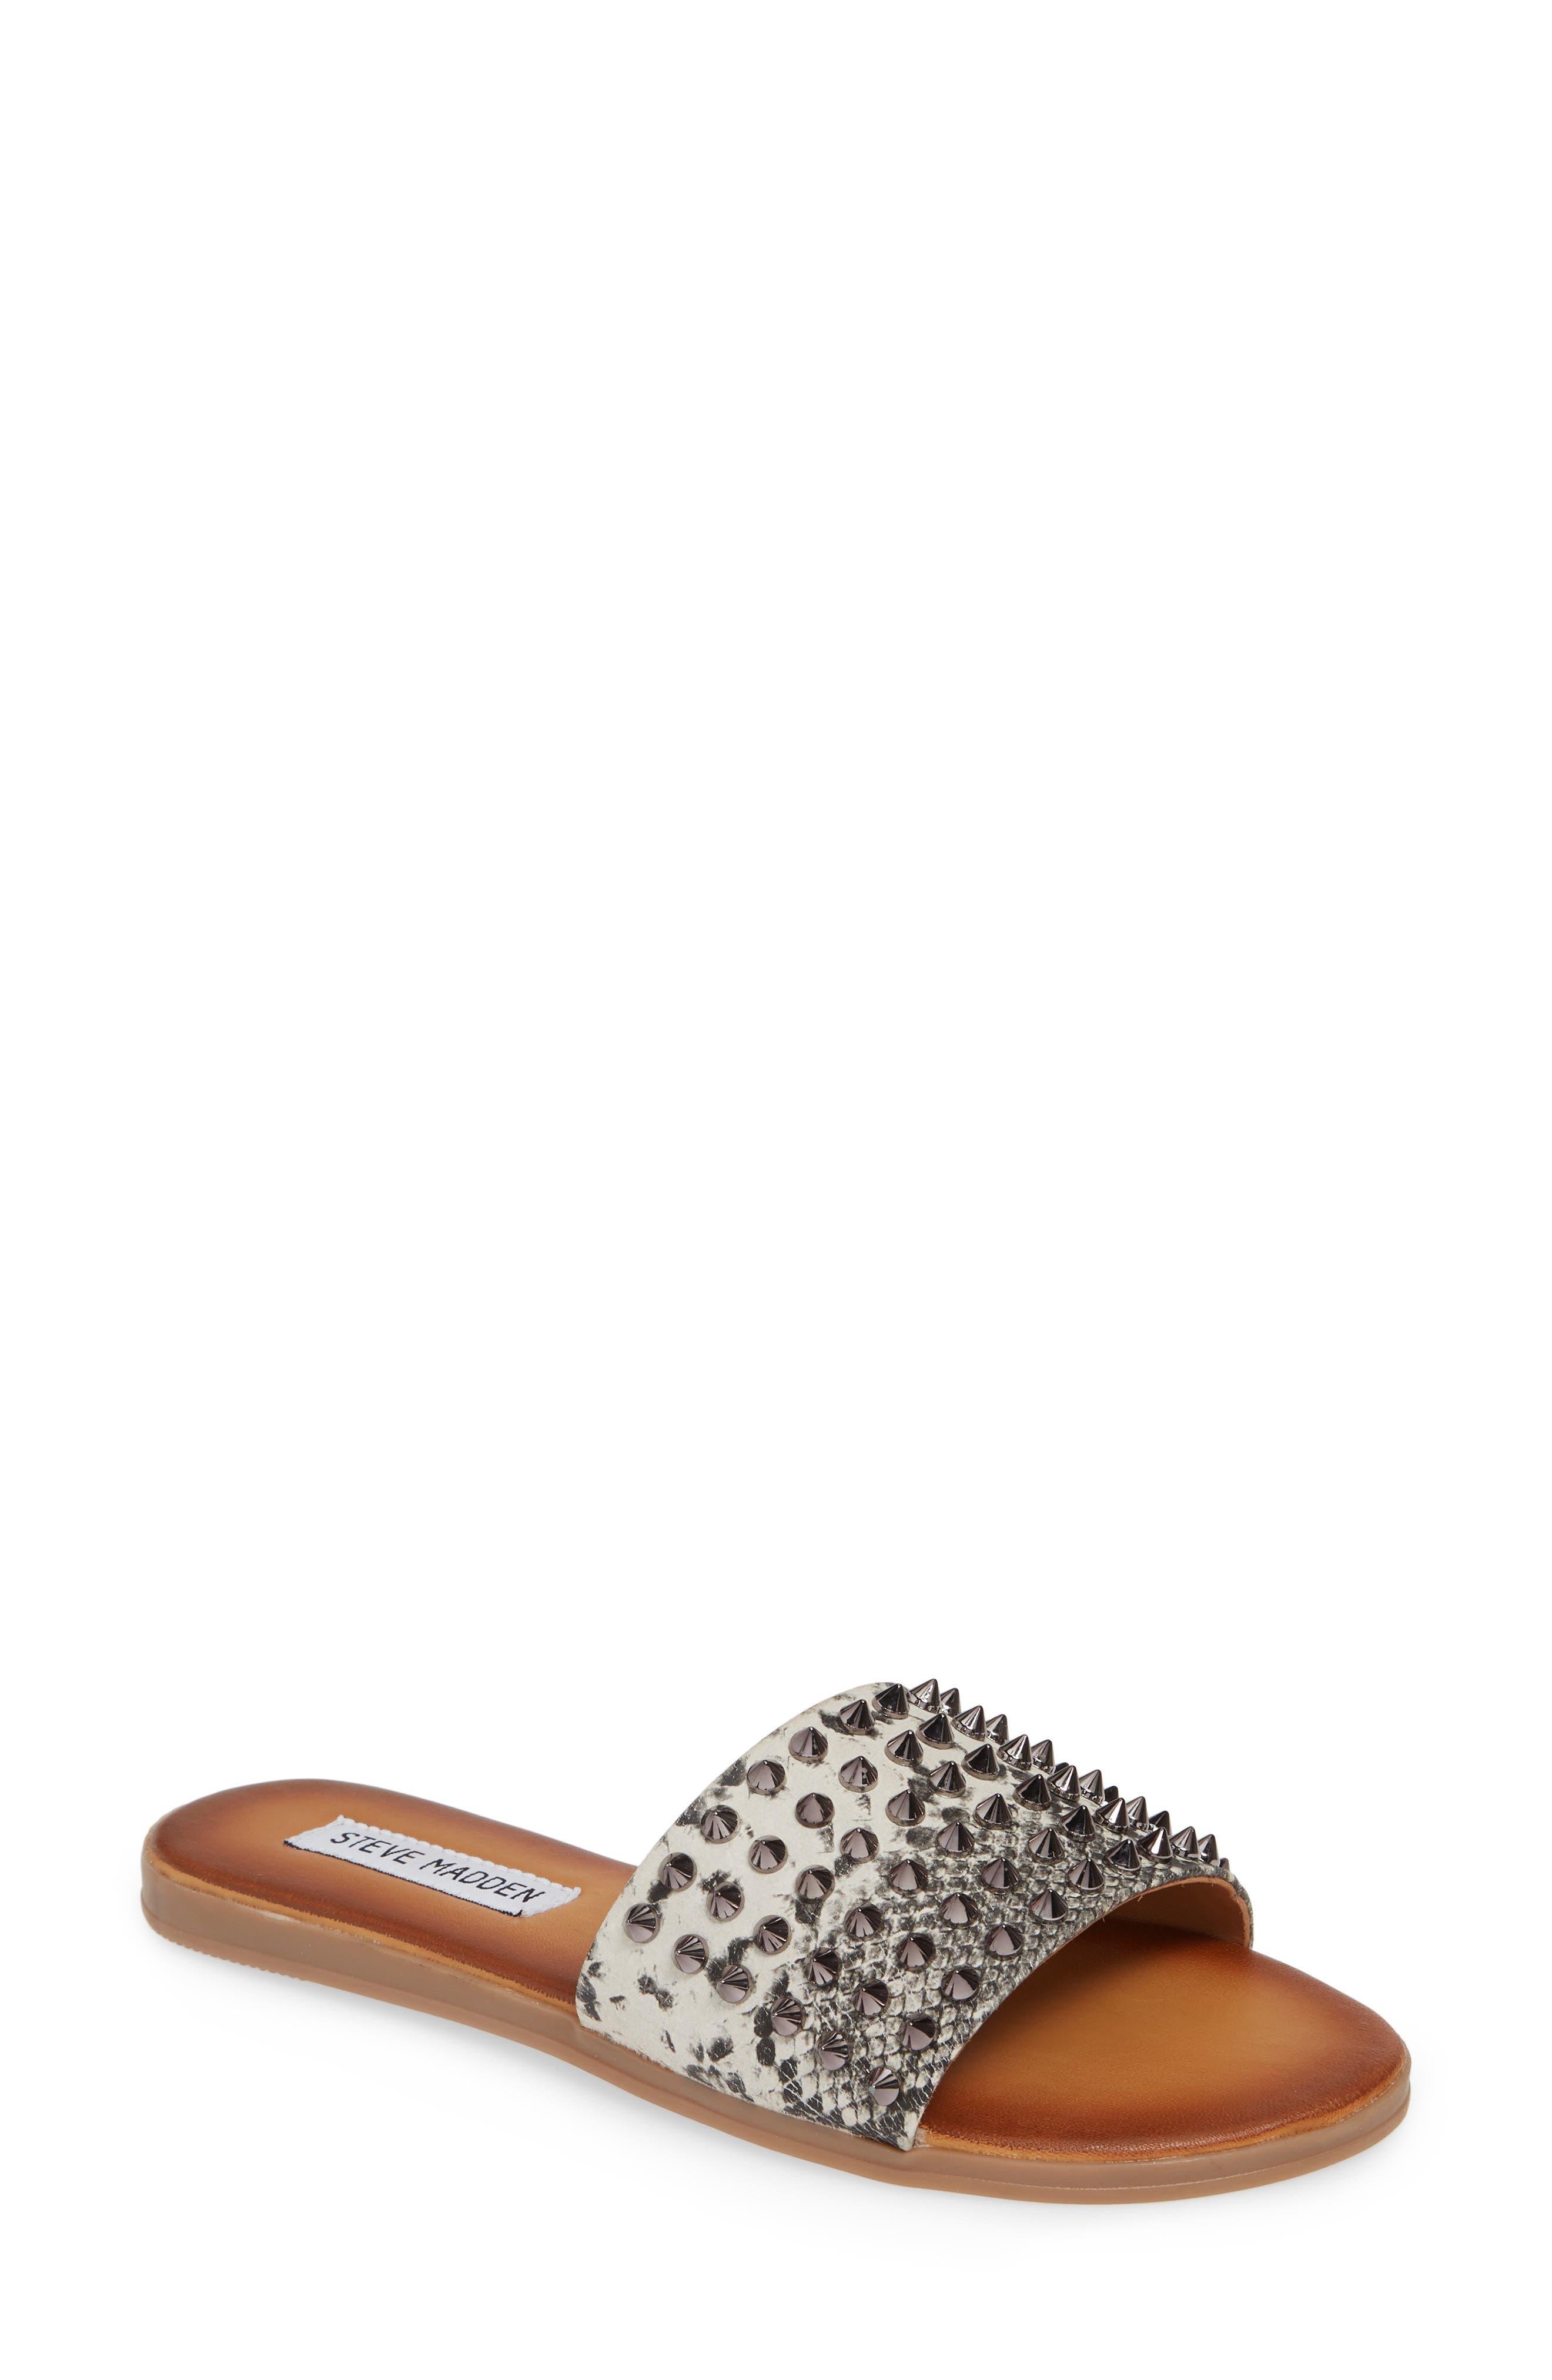 08bc5833267 Women s Steve Madden Flat Heeled Sandals